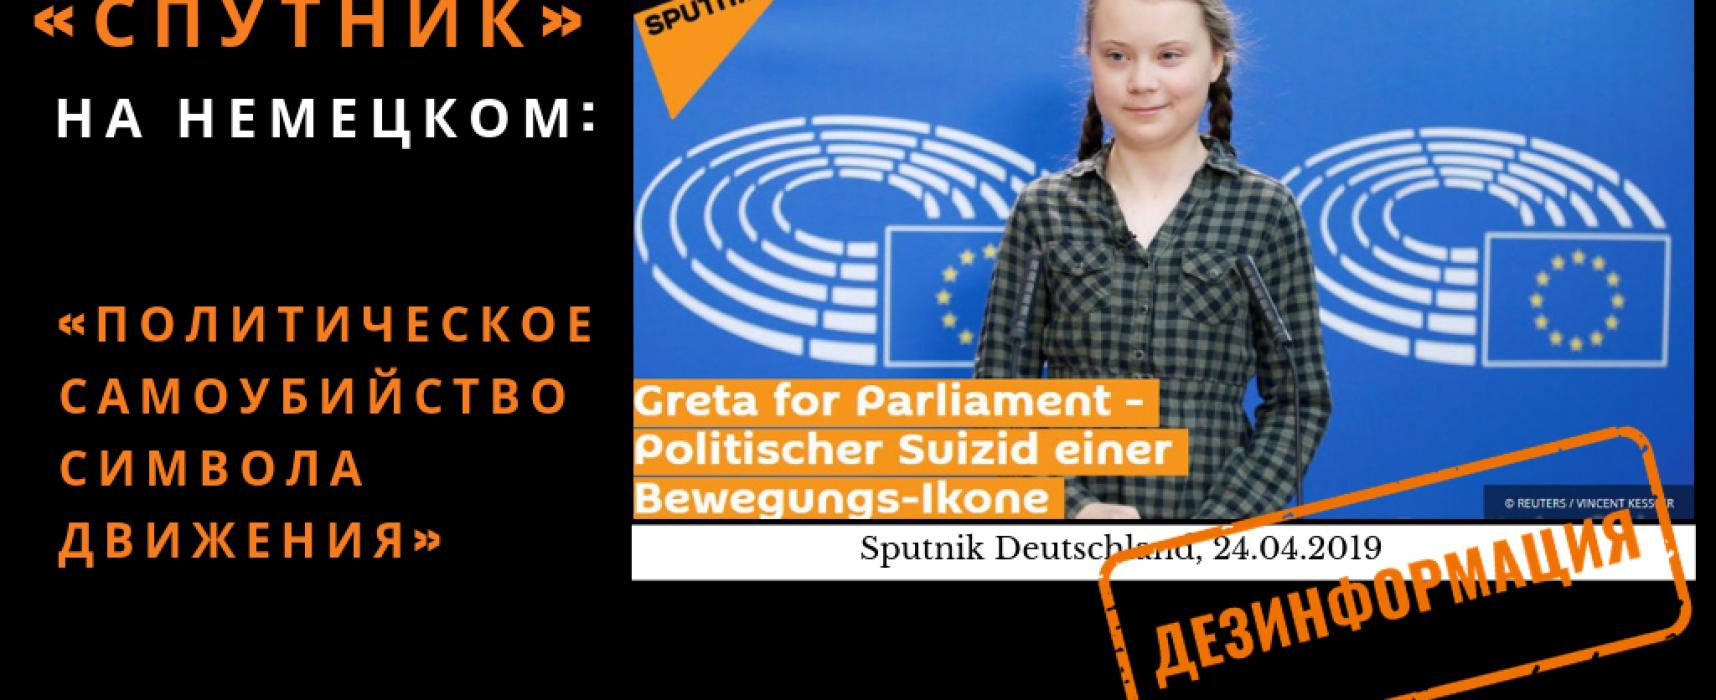 Більше сумнівів, менше інформації: нові тренди дезінформаційної кампанії проти ЄС